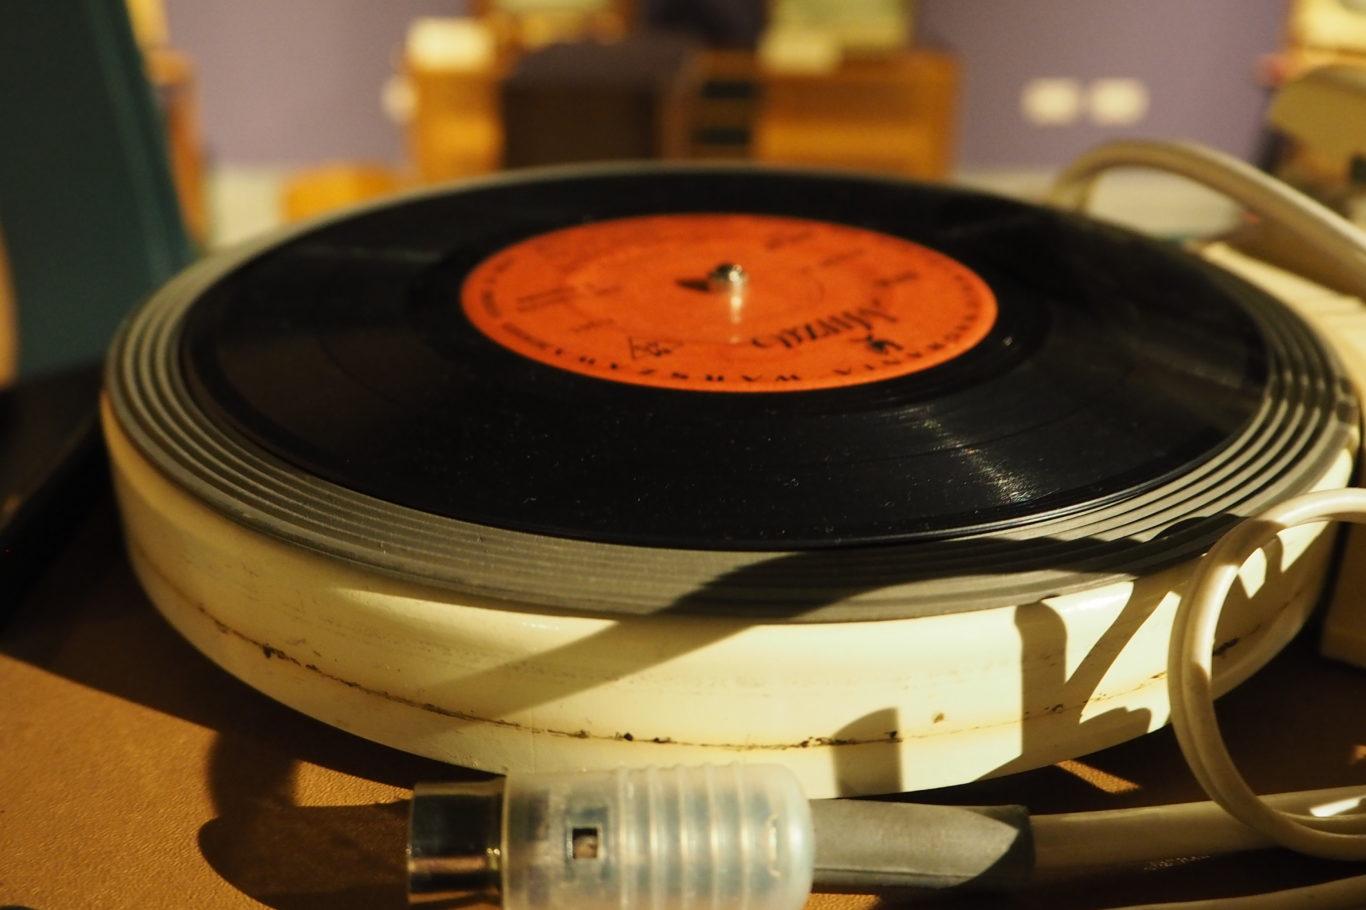 Gramofon z płytą winylową